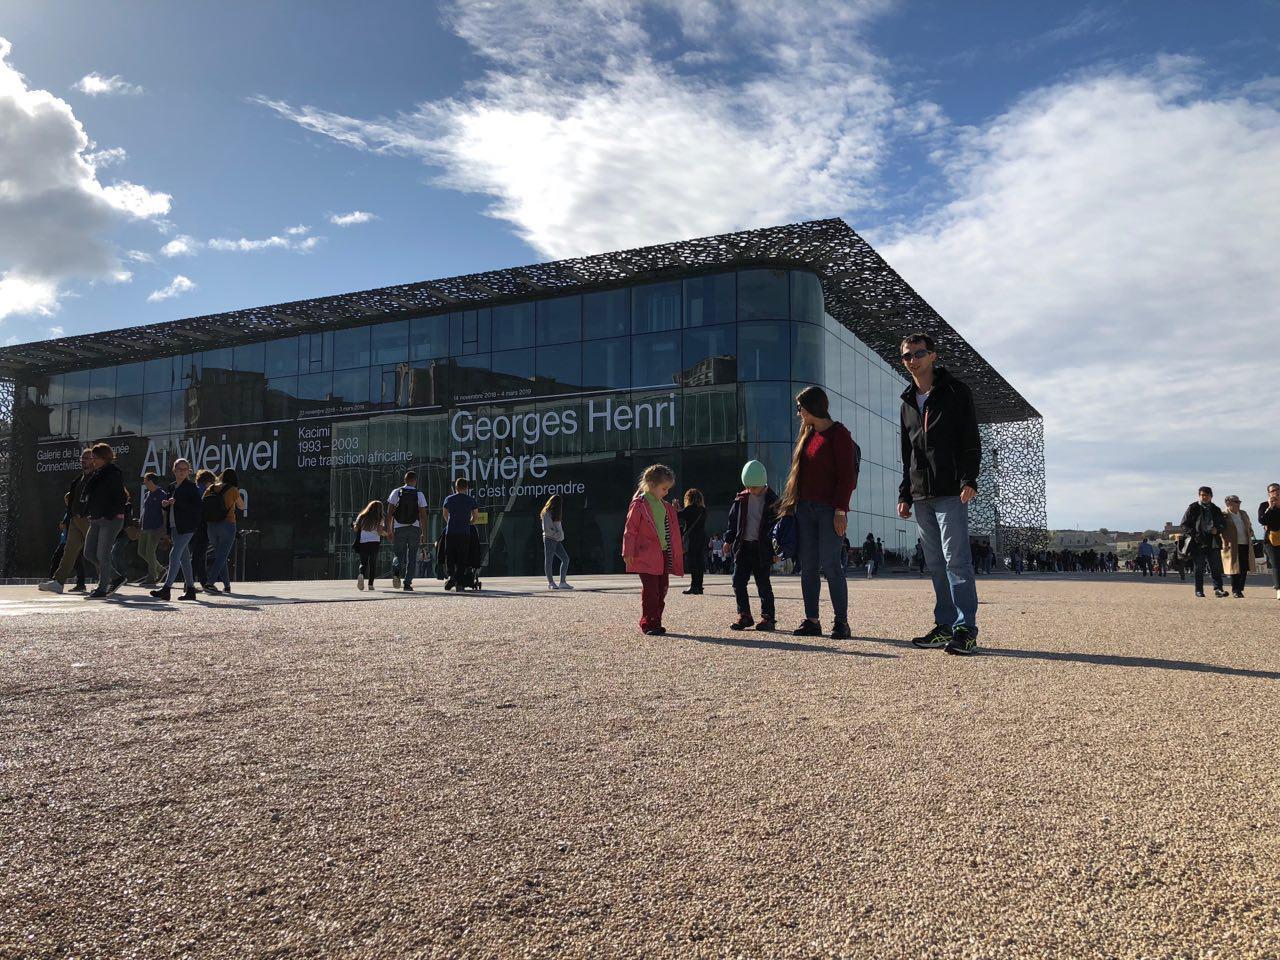 музей цивилизаций Европы и Средиземноморья MuCEM